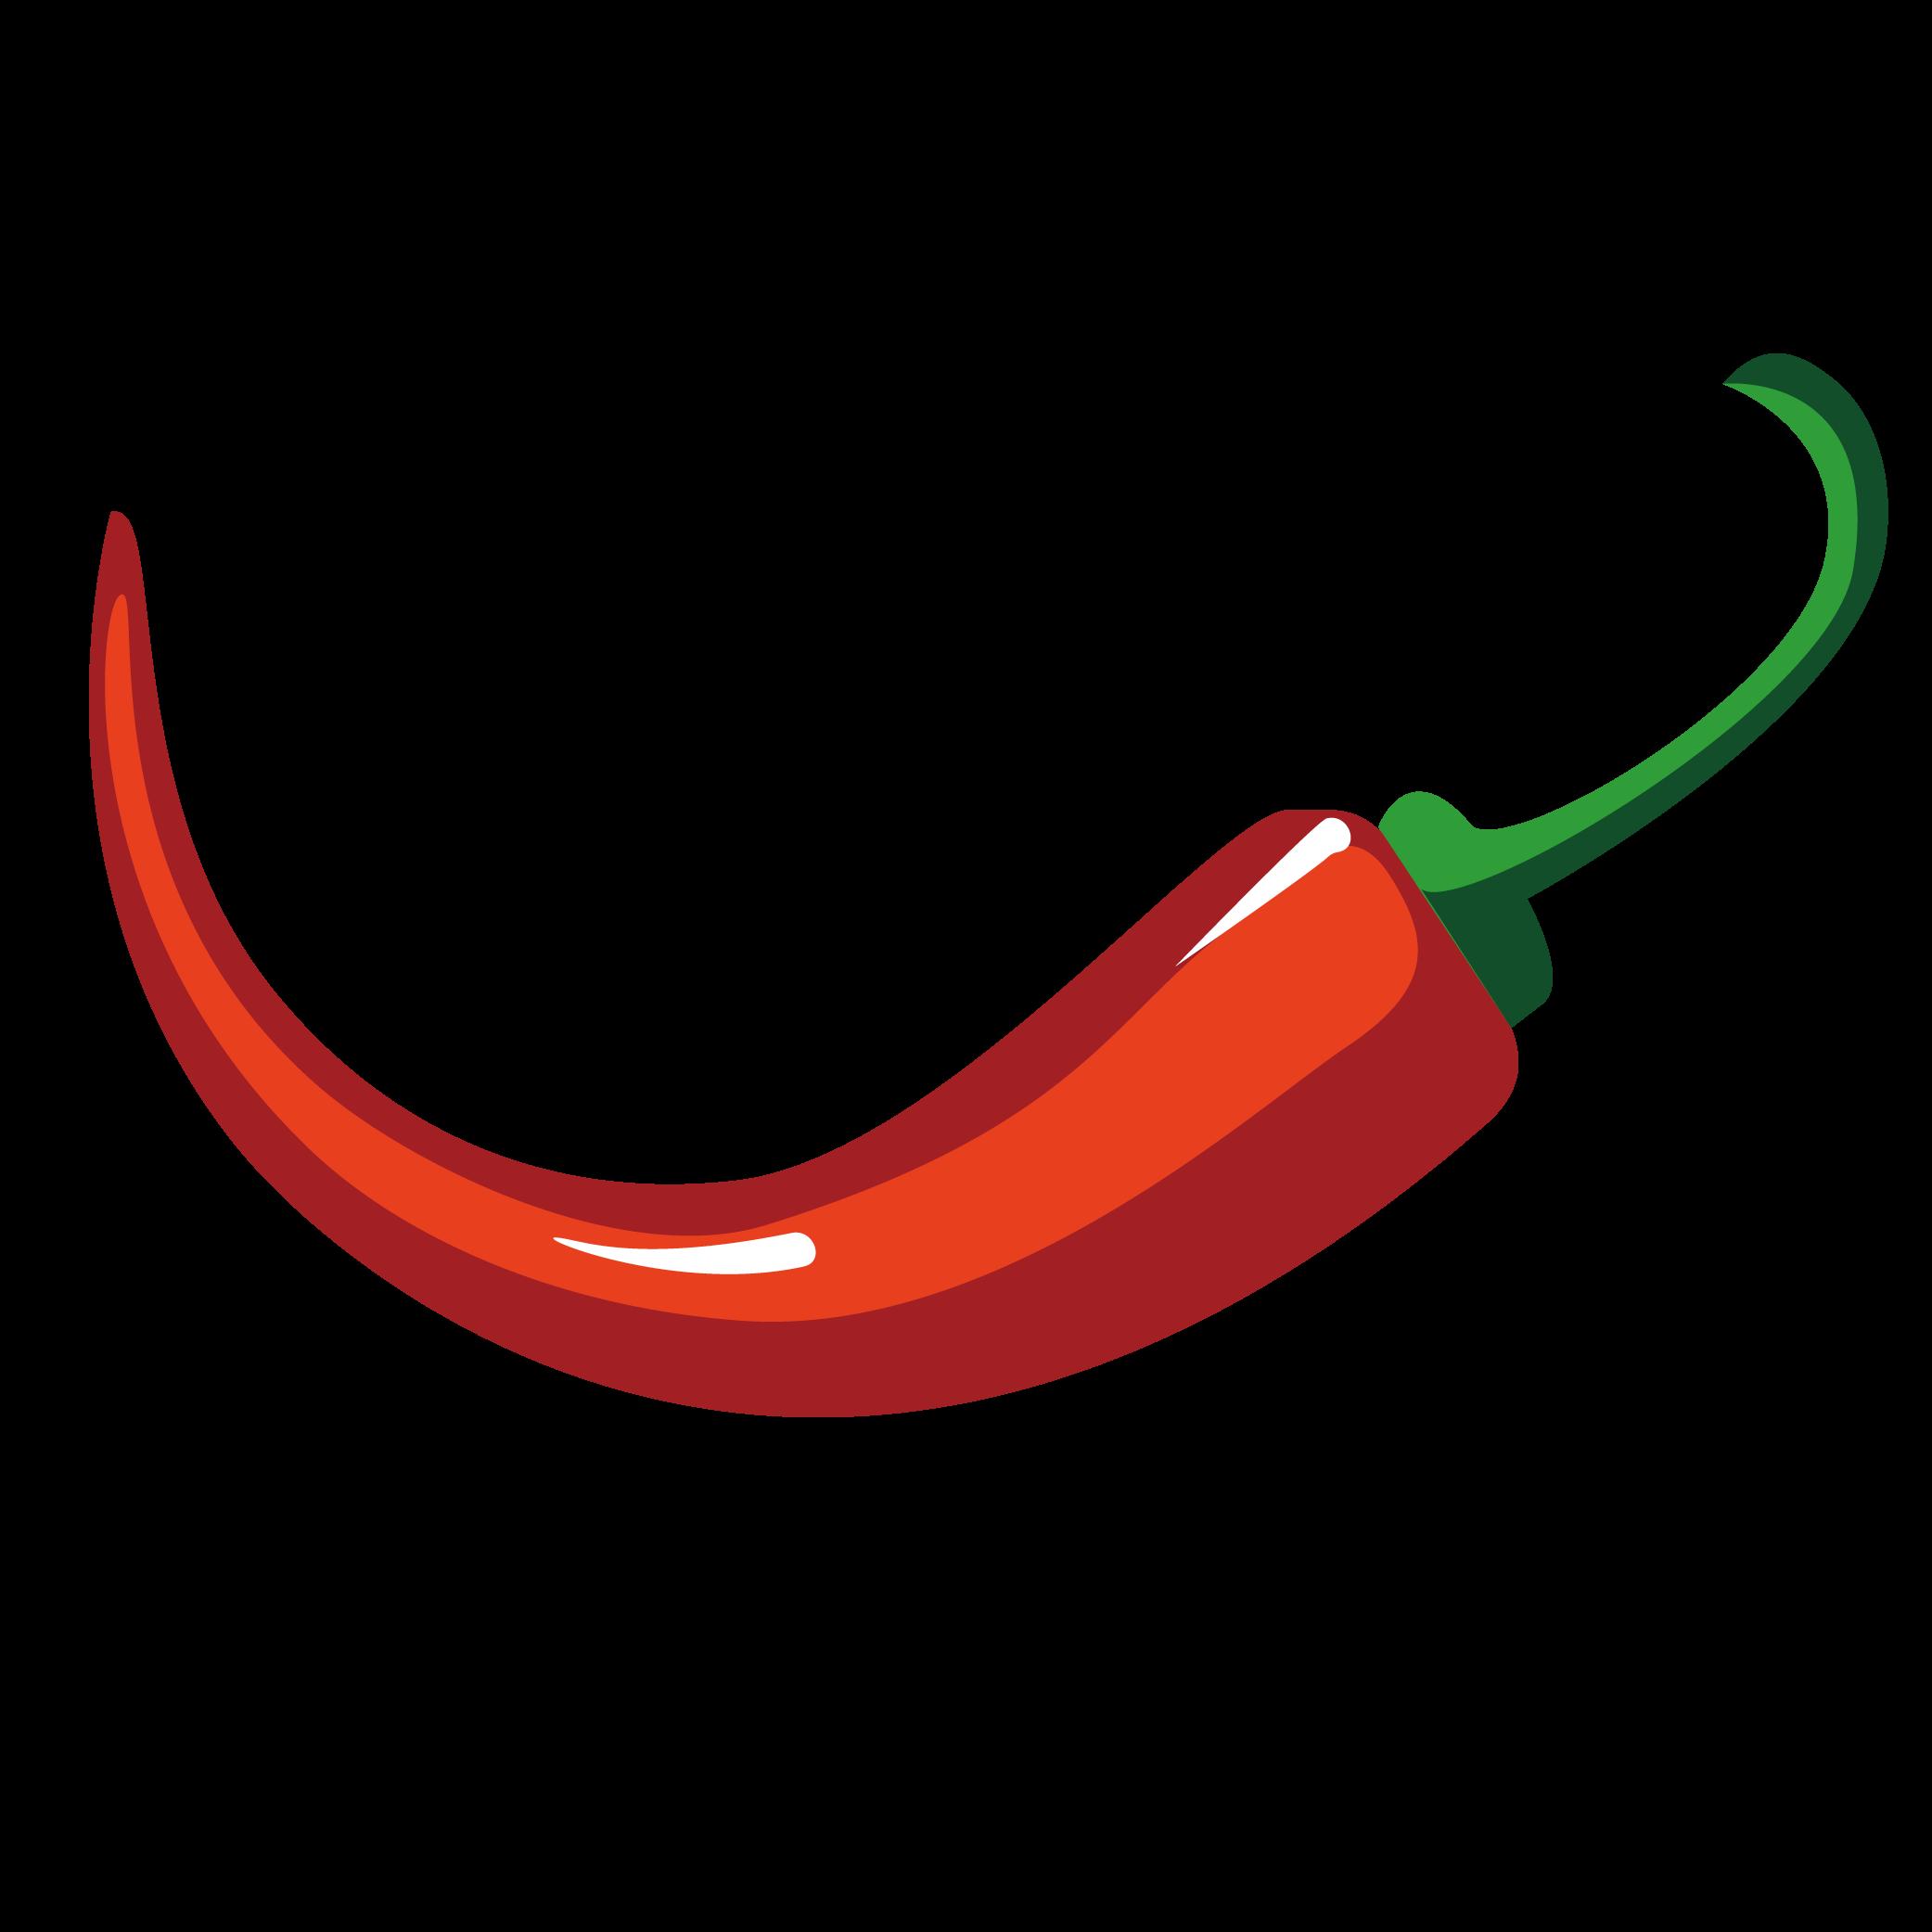 2083x2083 Capsicum Annuum Chili Pepper Euclidean Vector